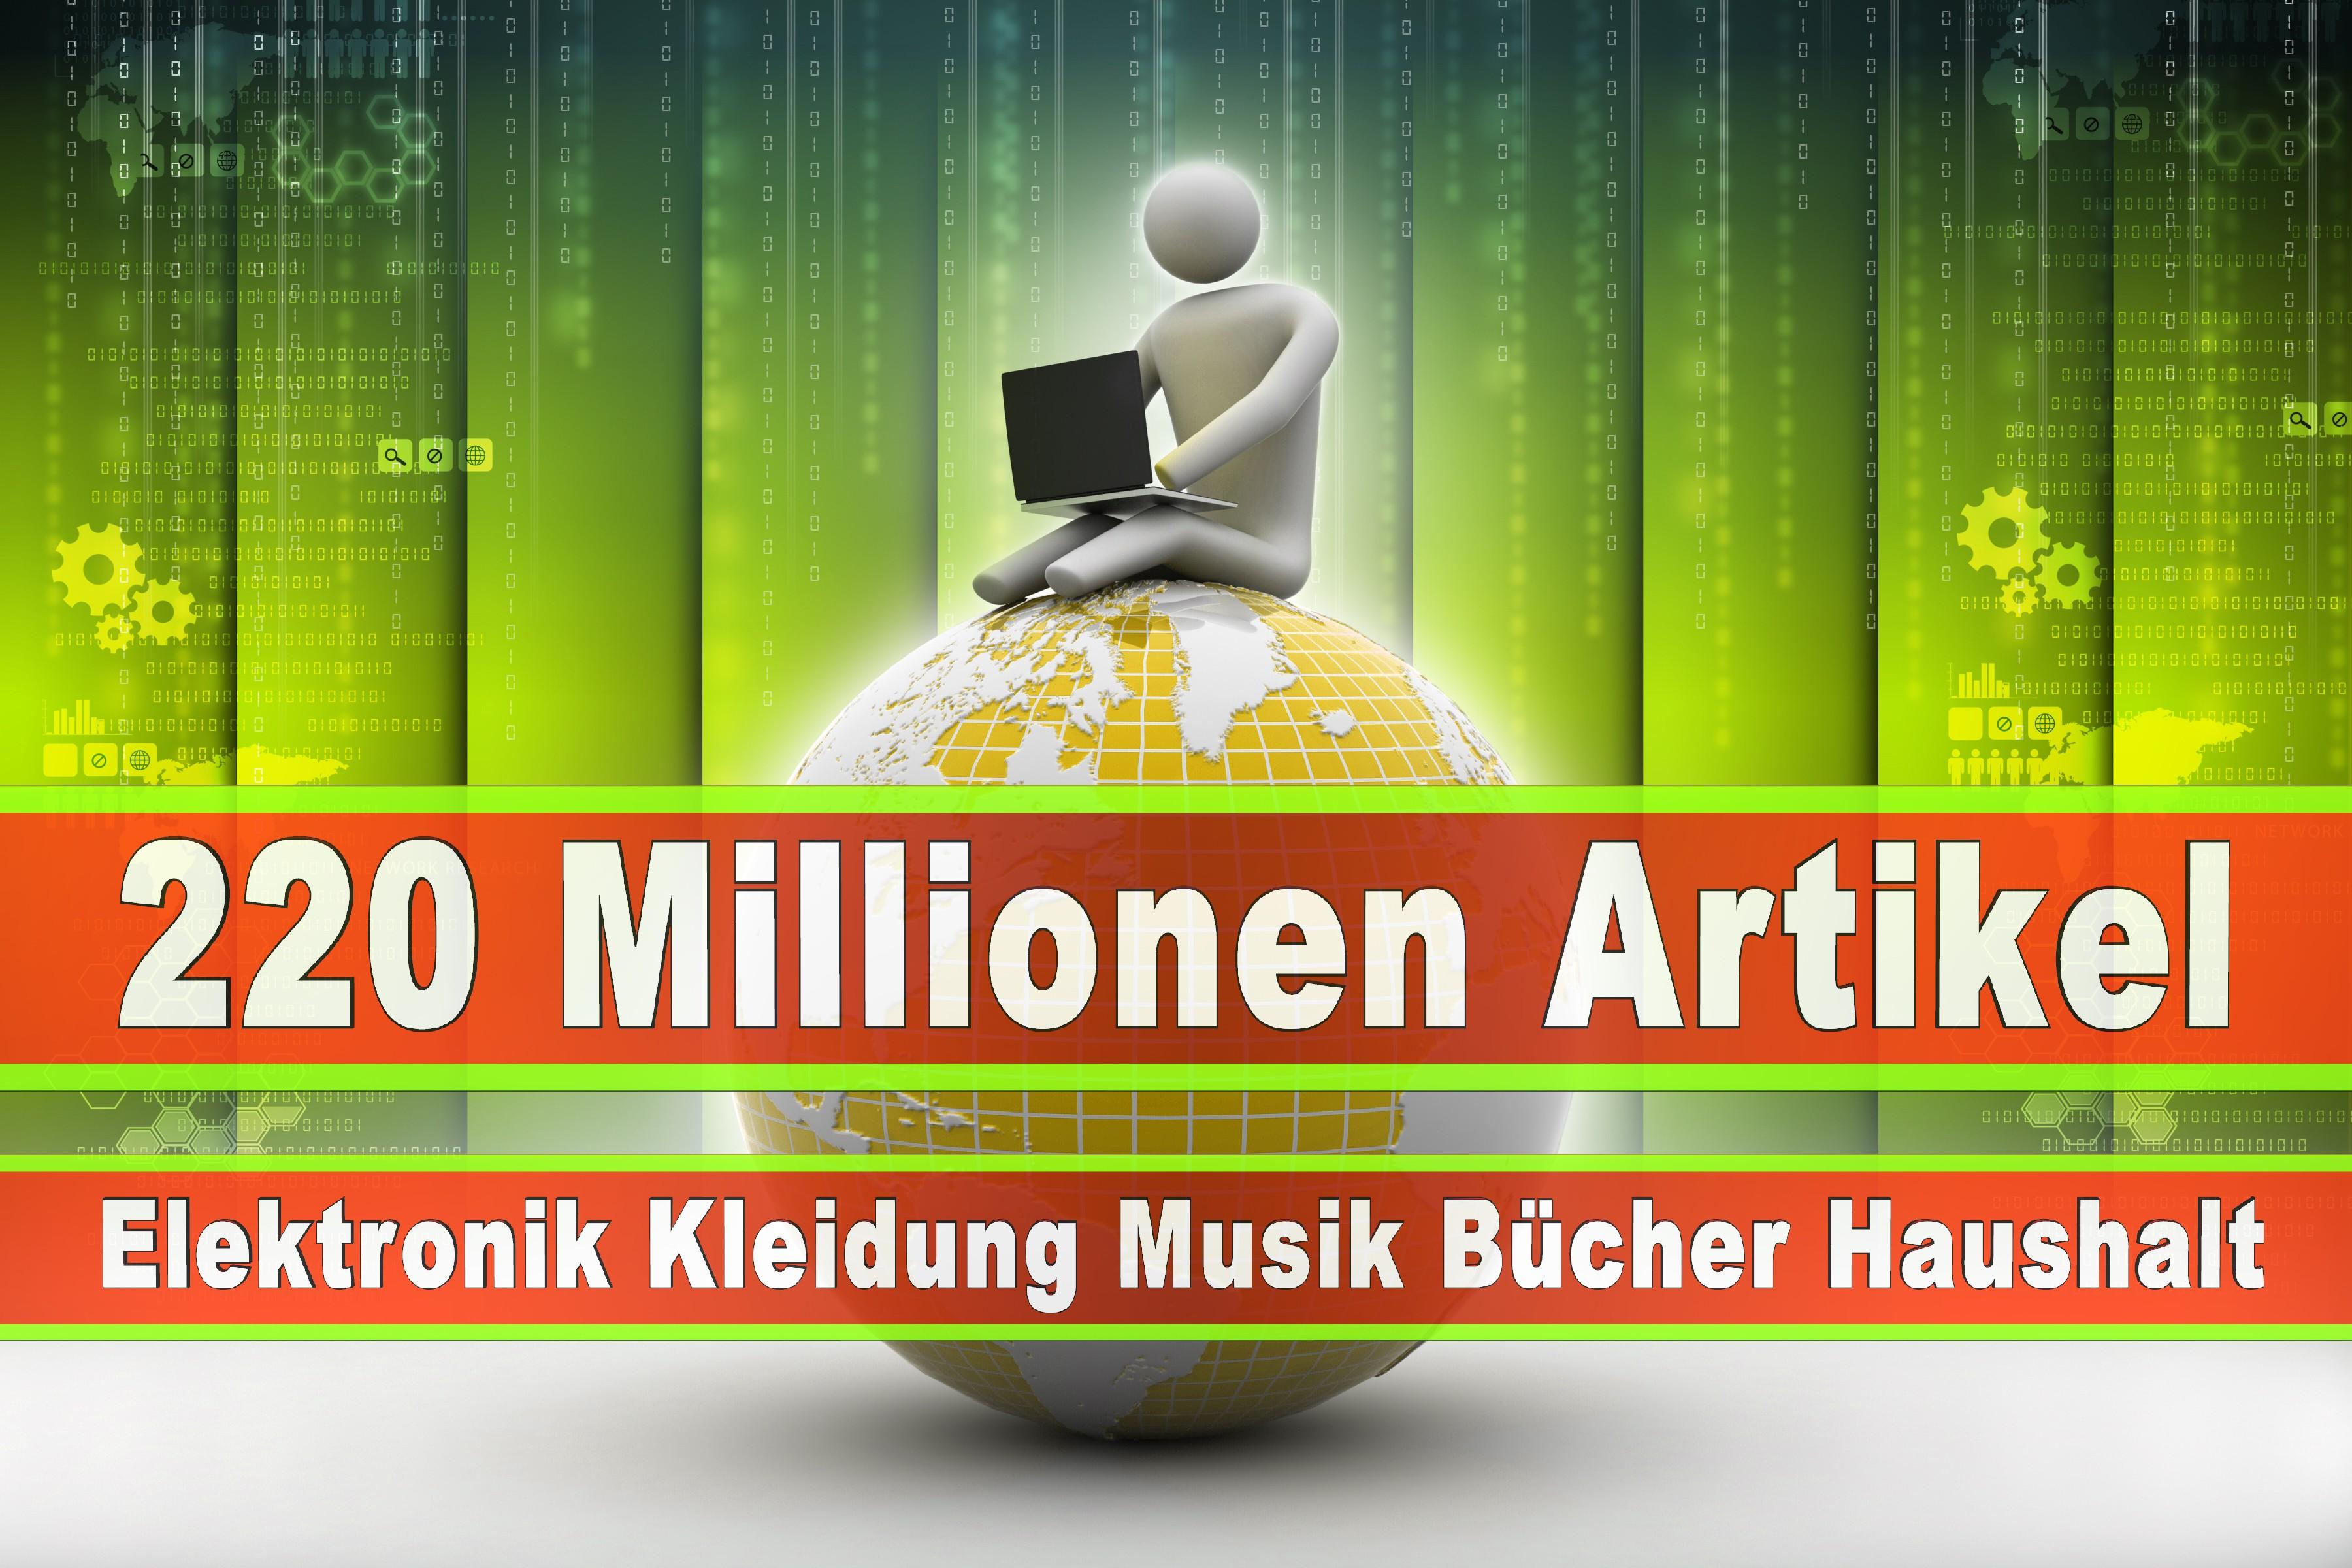 Amazon Elektronik Musik Haushalt Bücher CD DVD Handys Smartphones TV Television Fernseher Kleidung Mode Ebay (5)